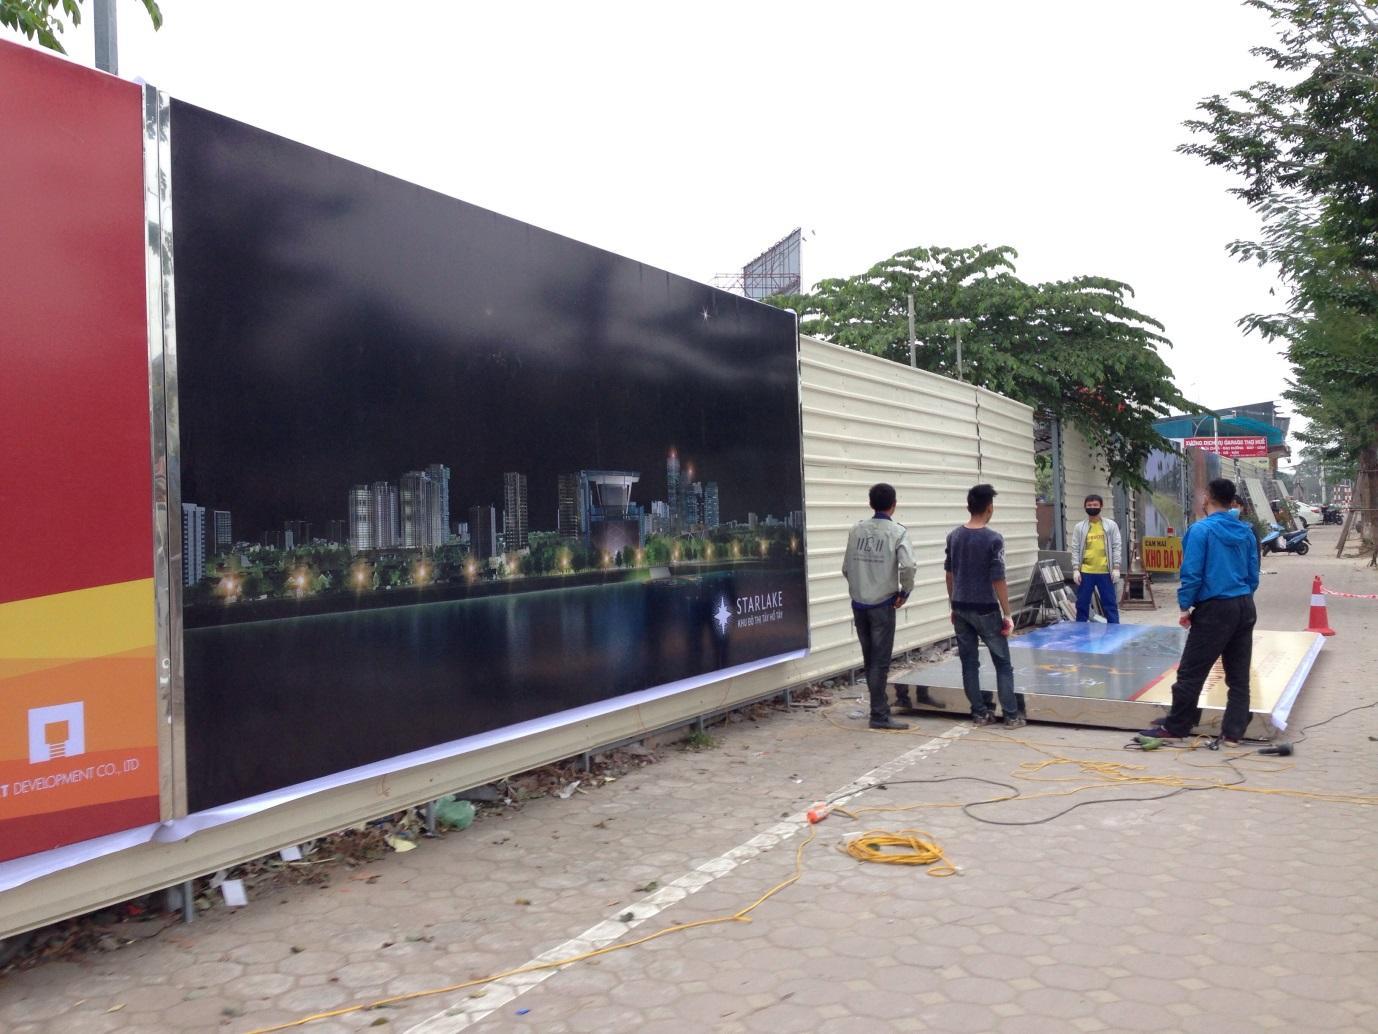 làm biển quảng cáo giá rẻ tại Hà Nội